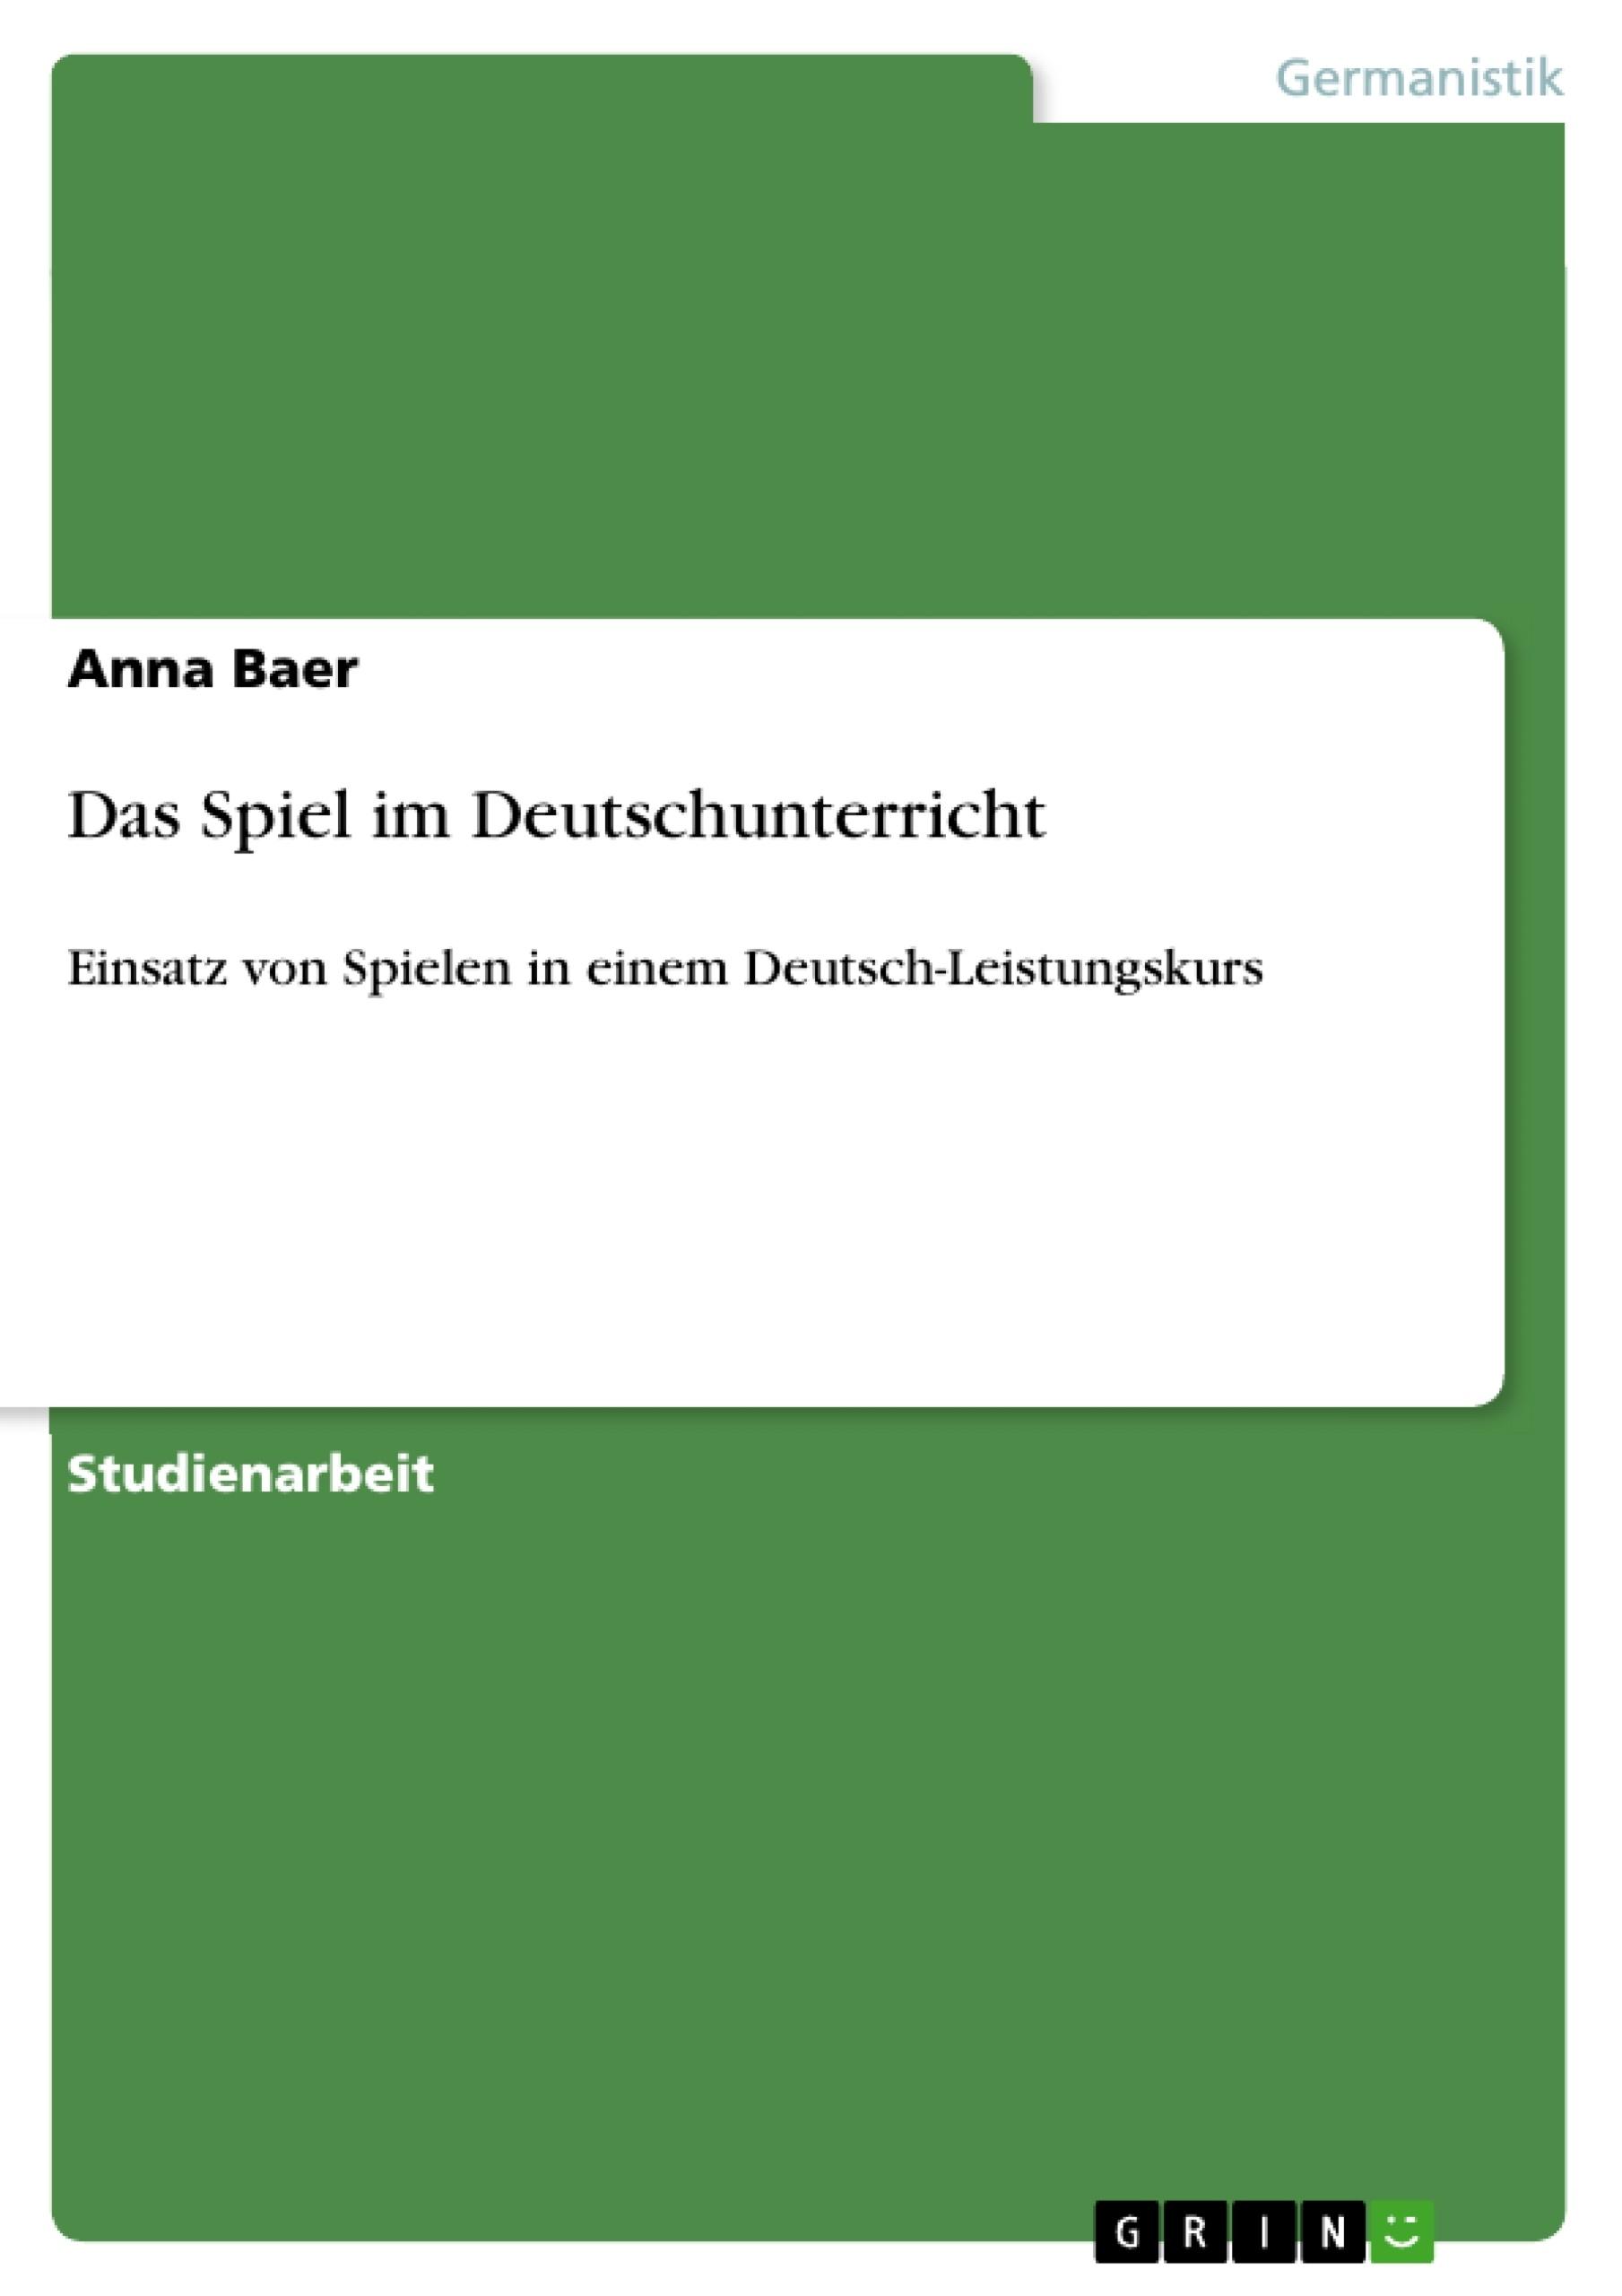 Titel: Das Spiel im Deutschunterricht